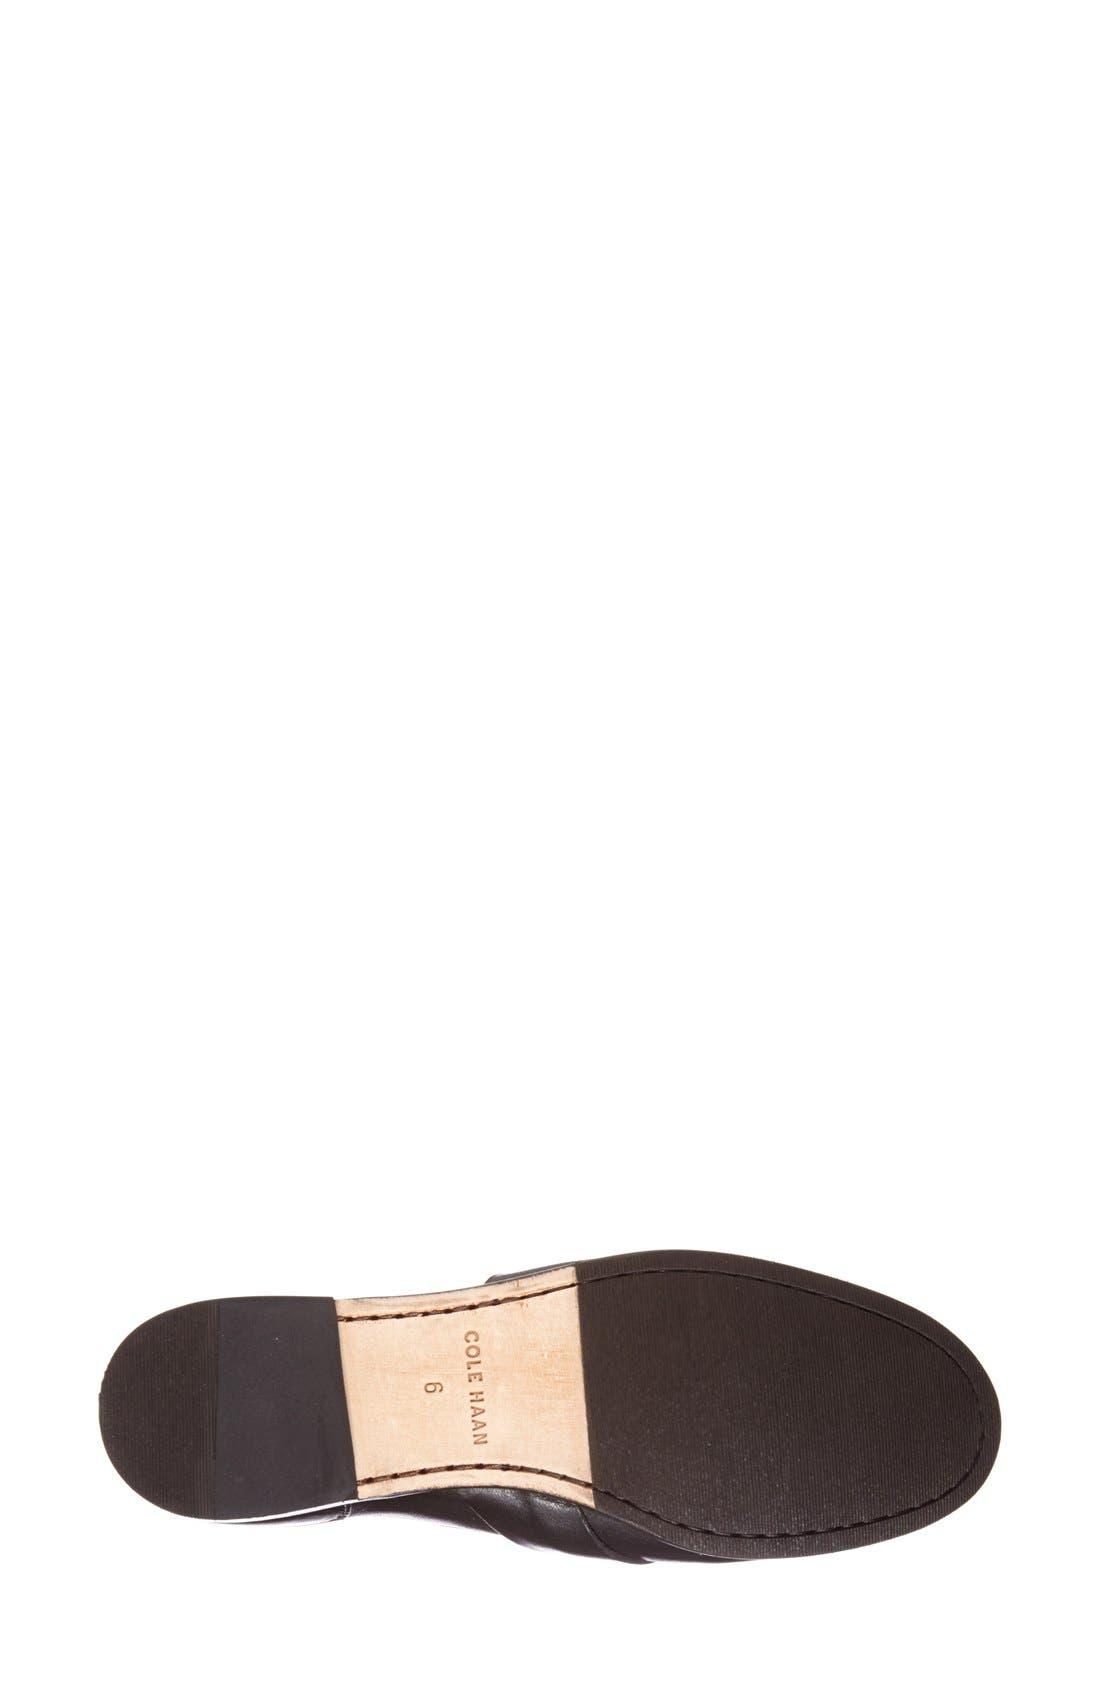 'Laurel' Moc Loafer,                             Alternate thumbnail 4, color,                             Black Leather